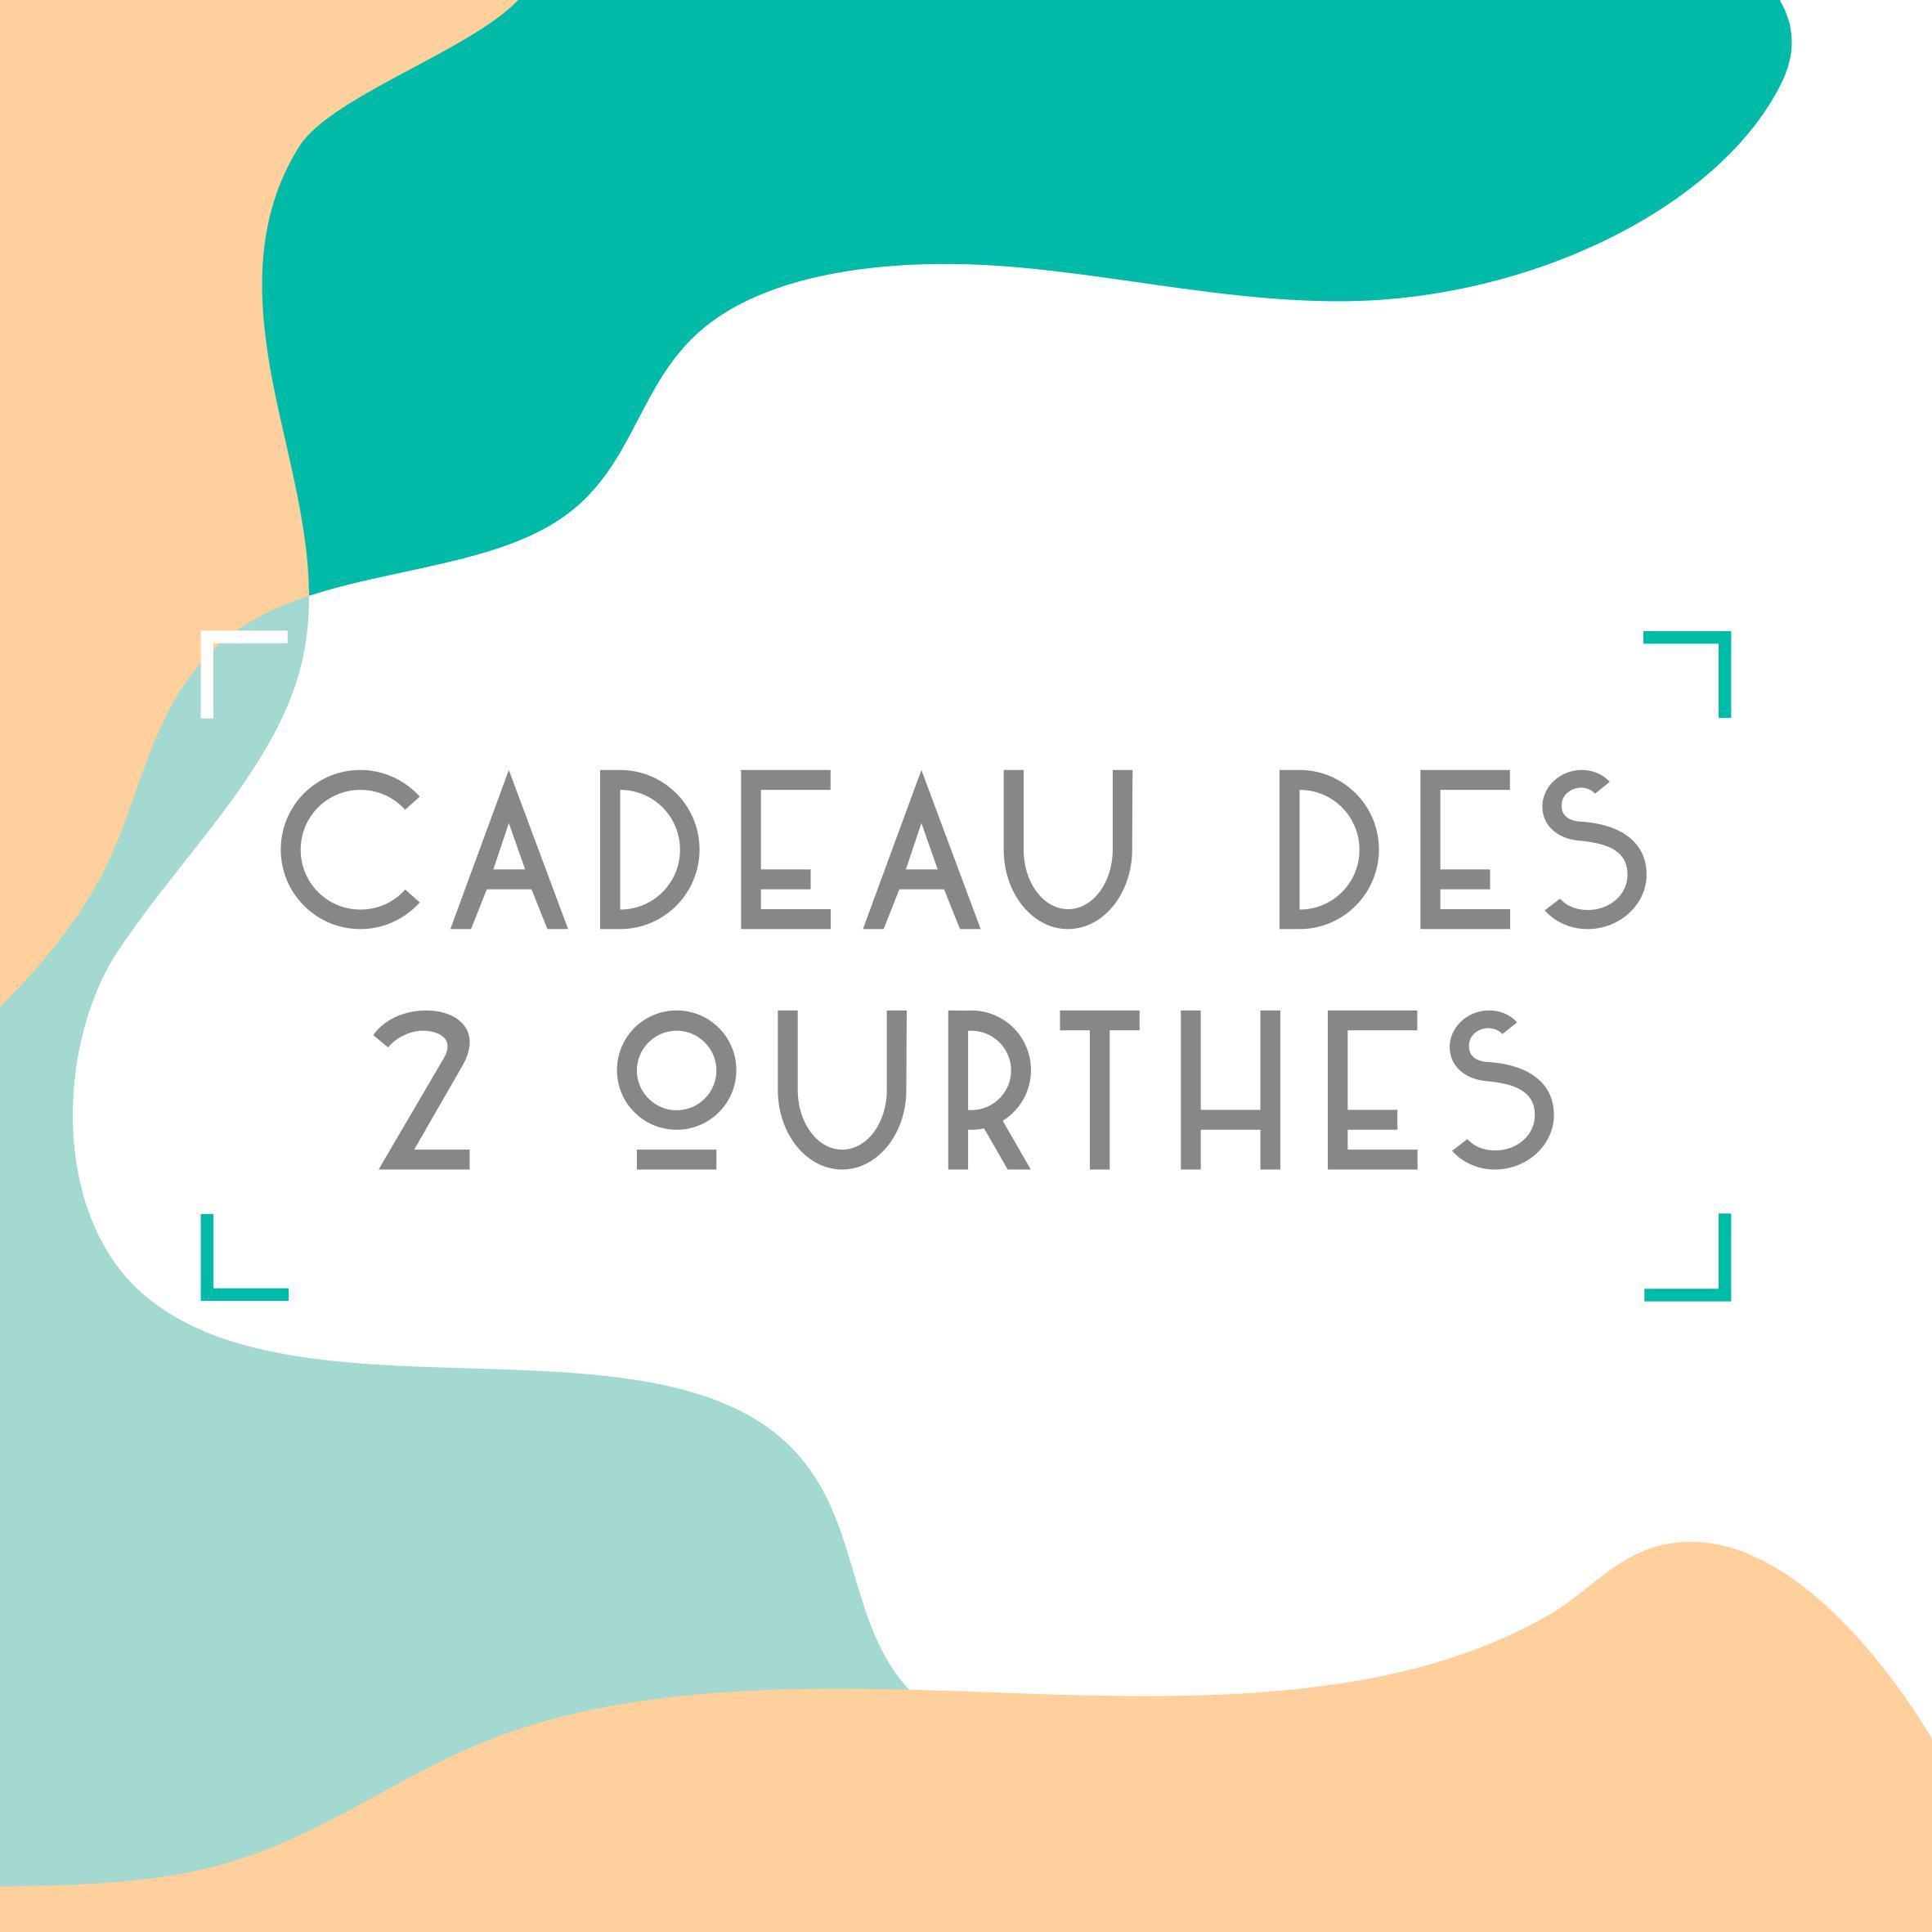 cadeau_des_2_ourthes_fond.jpeg